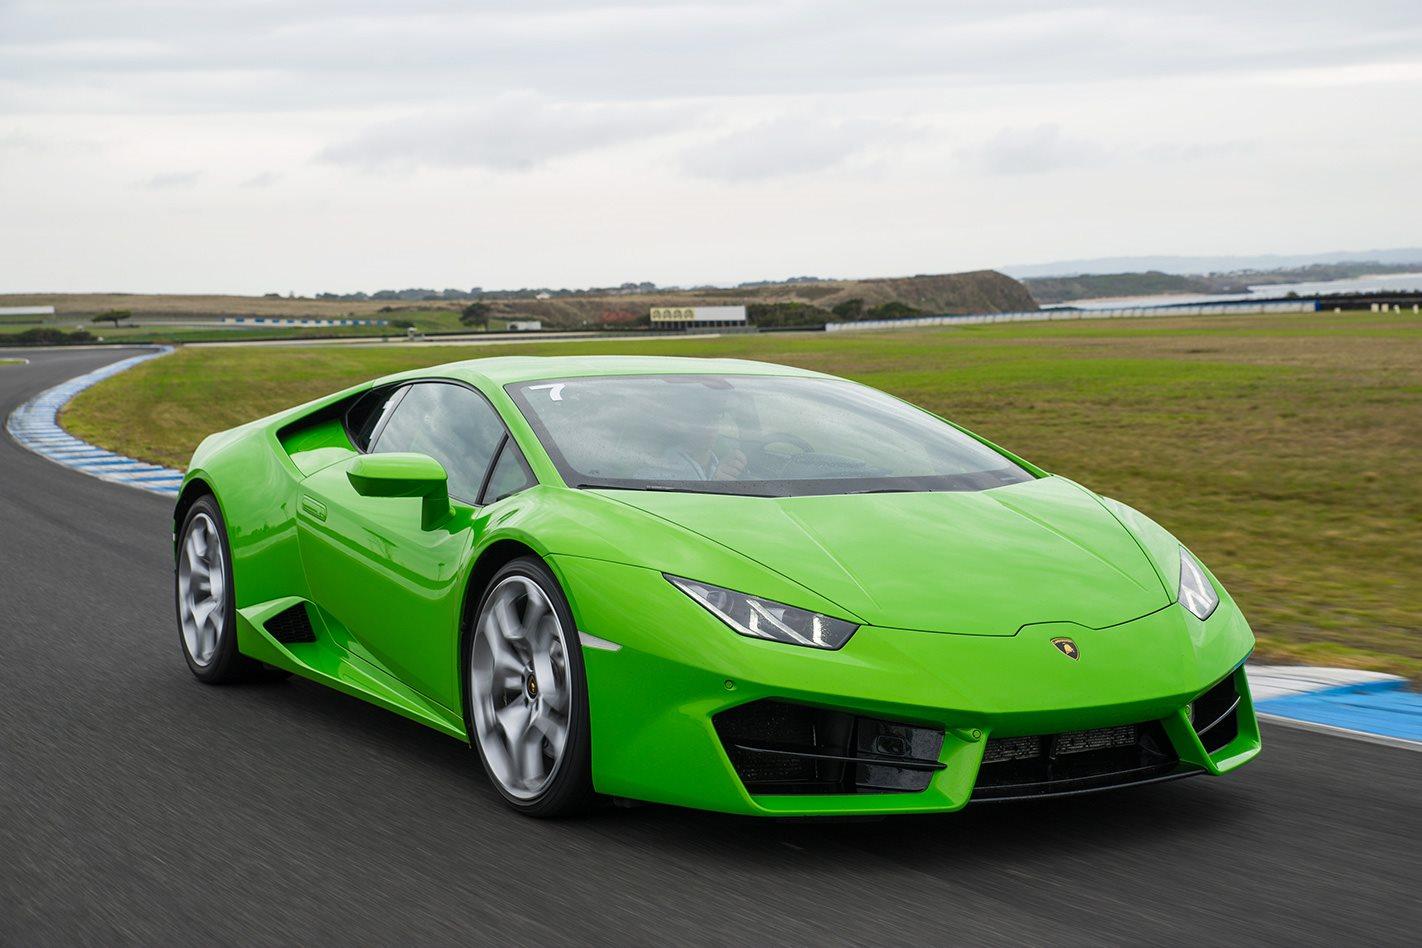 2016 Lamborghini Huracan LP580 2 review